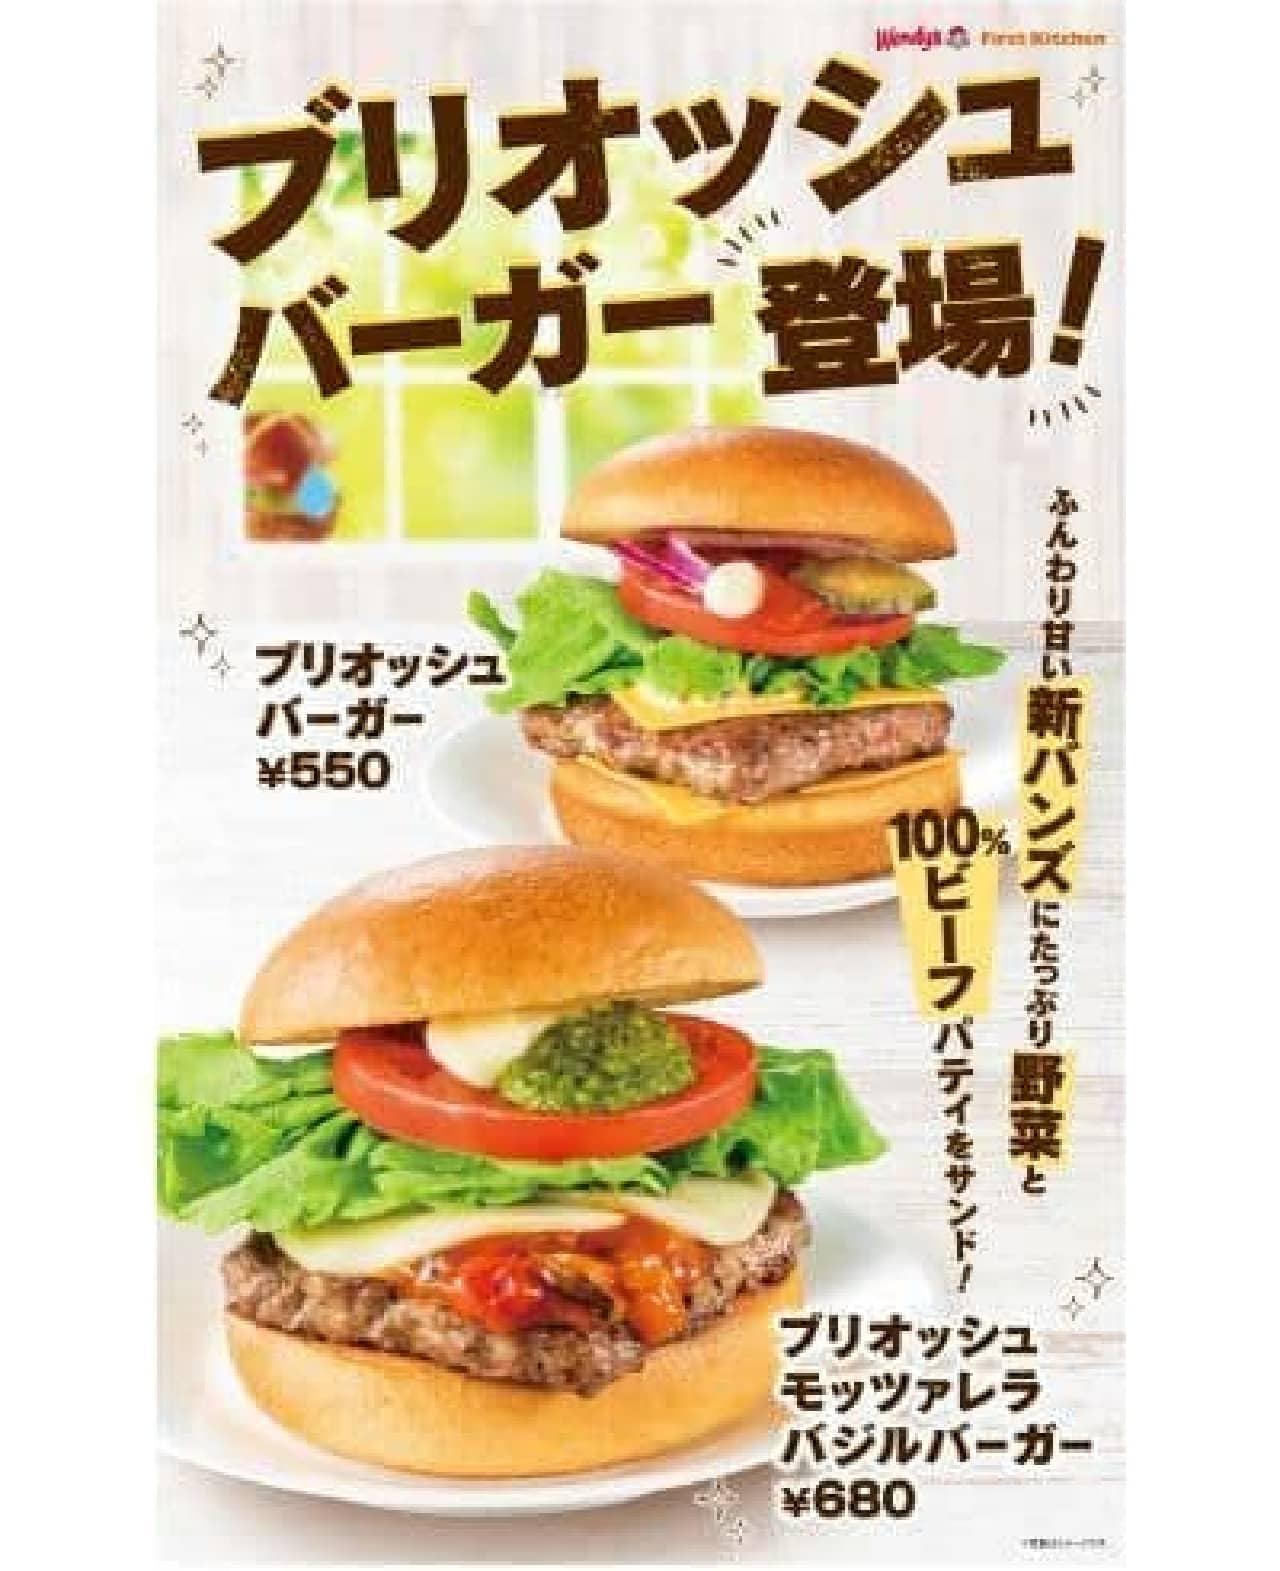 ウェンディーズ・ファーストキッチン「ブリオッシュバーガー」2種